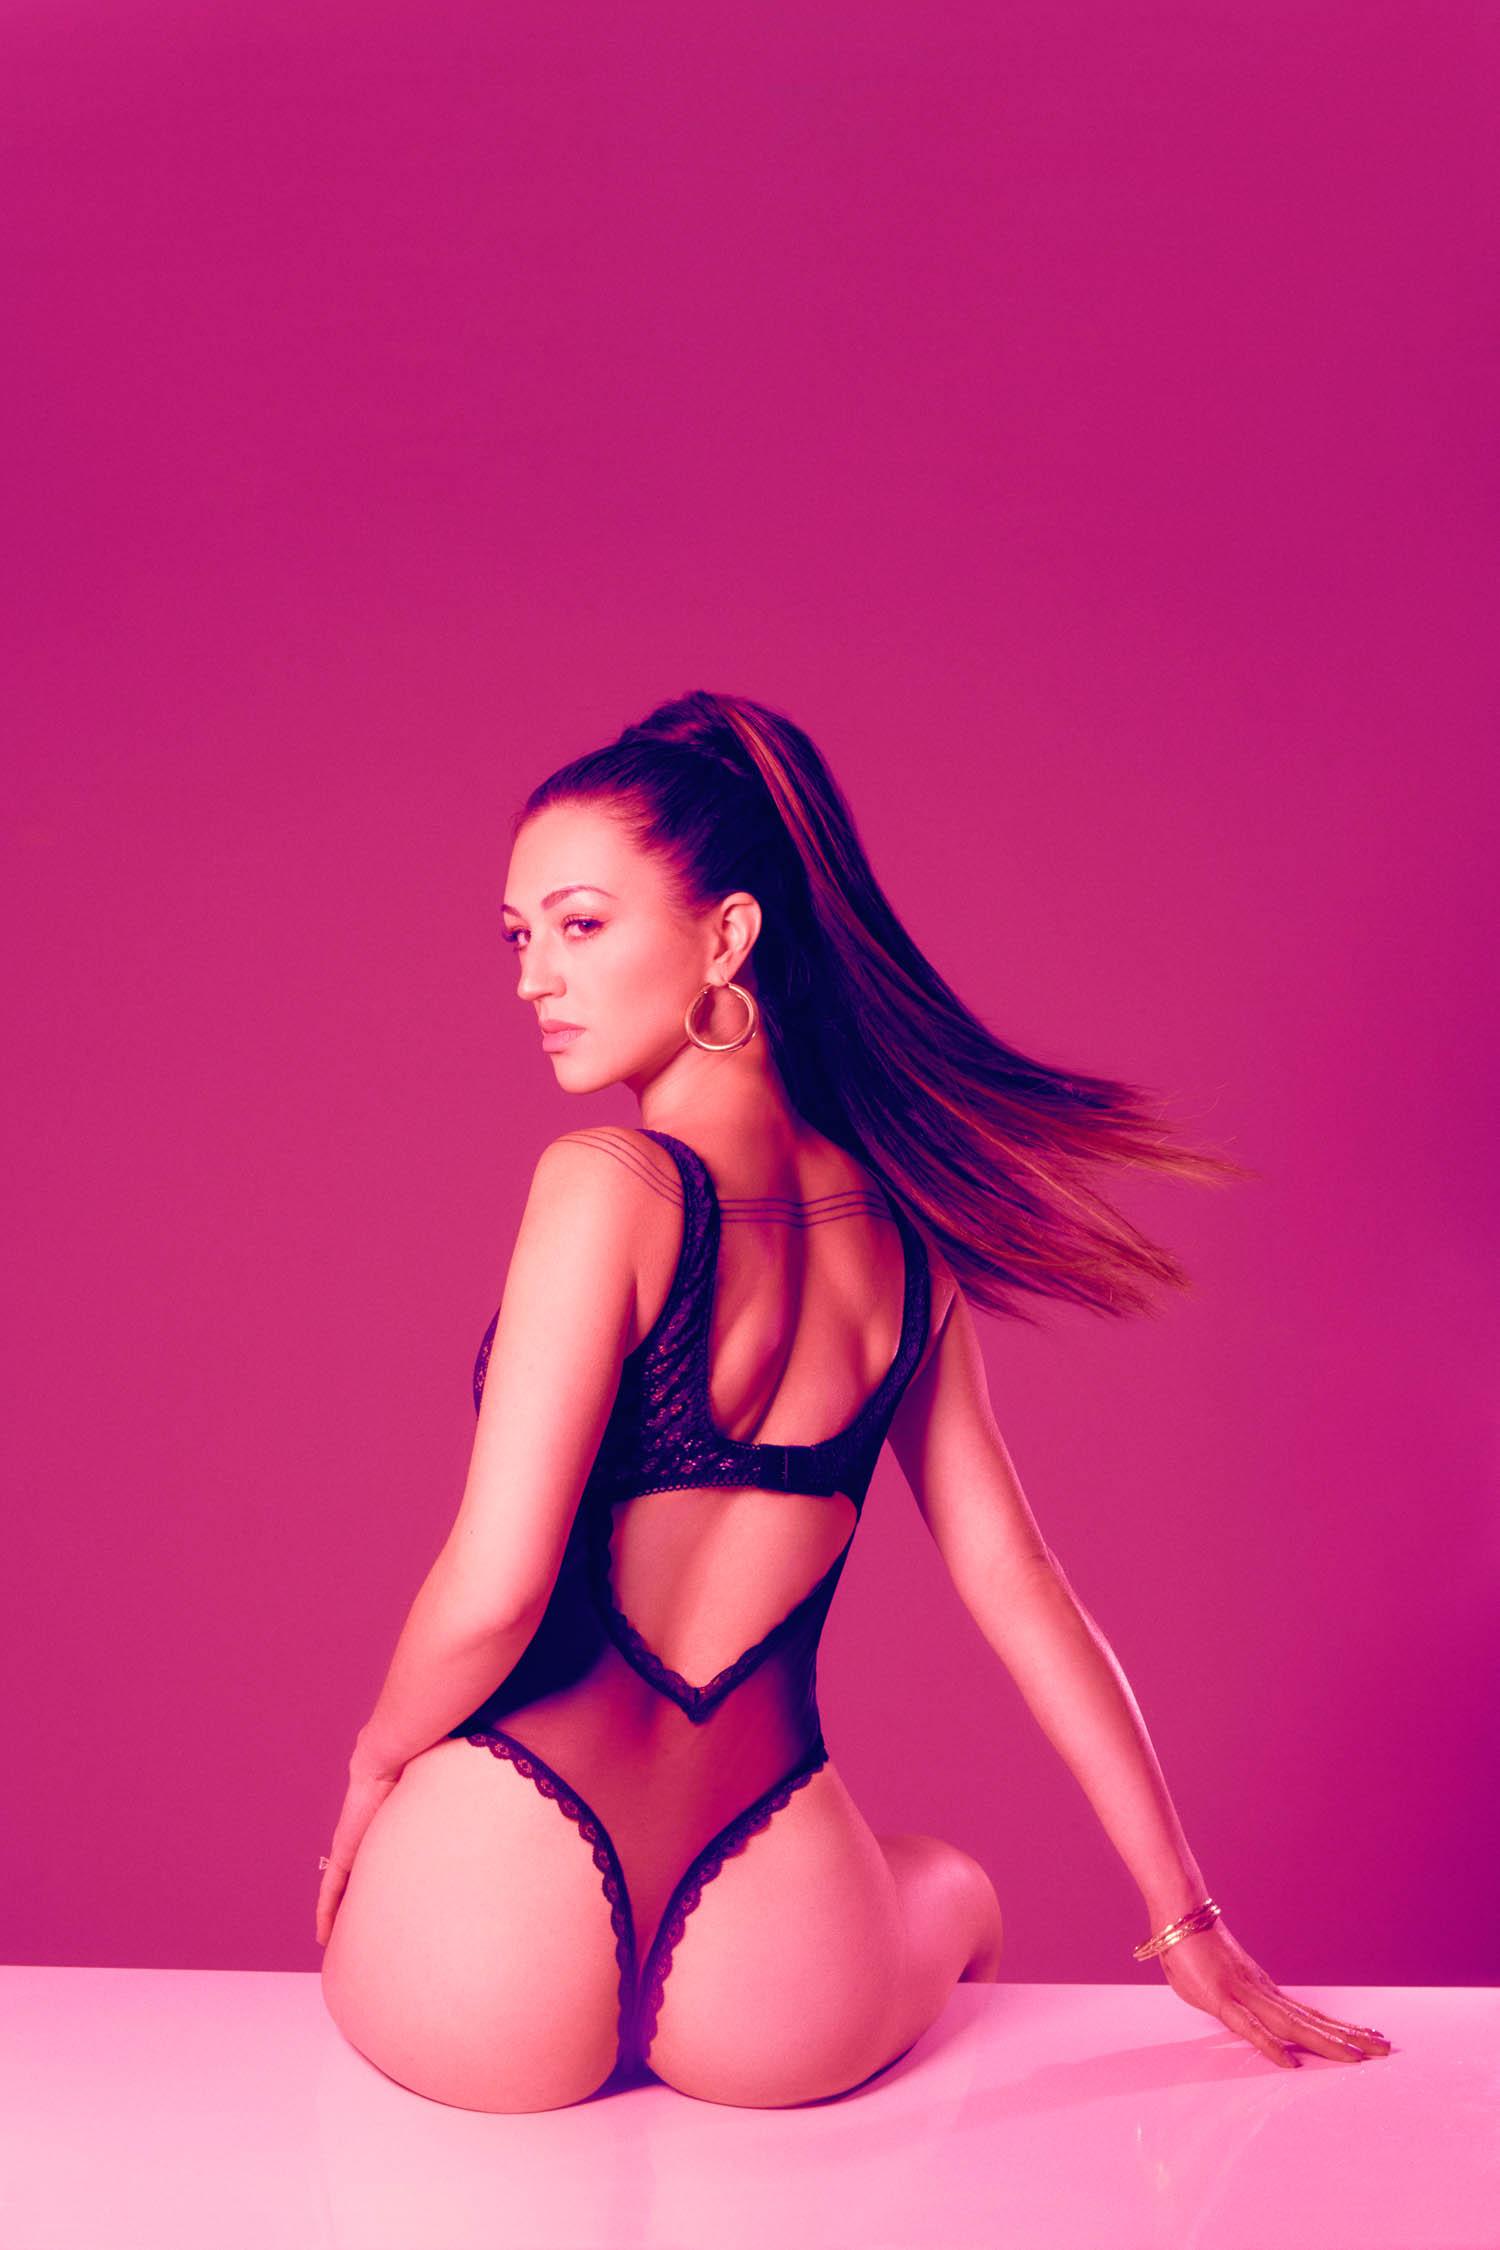 Ariana Grande 7 rings inspired photoshoot